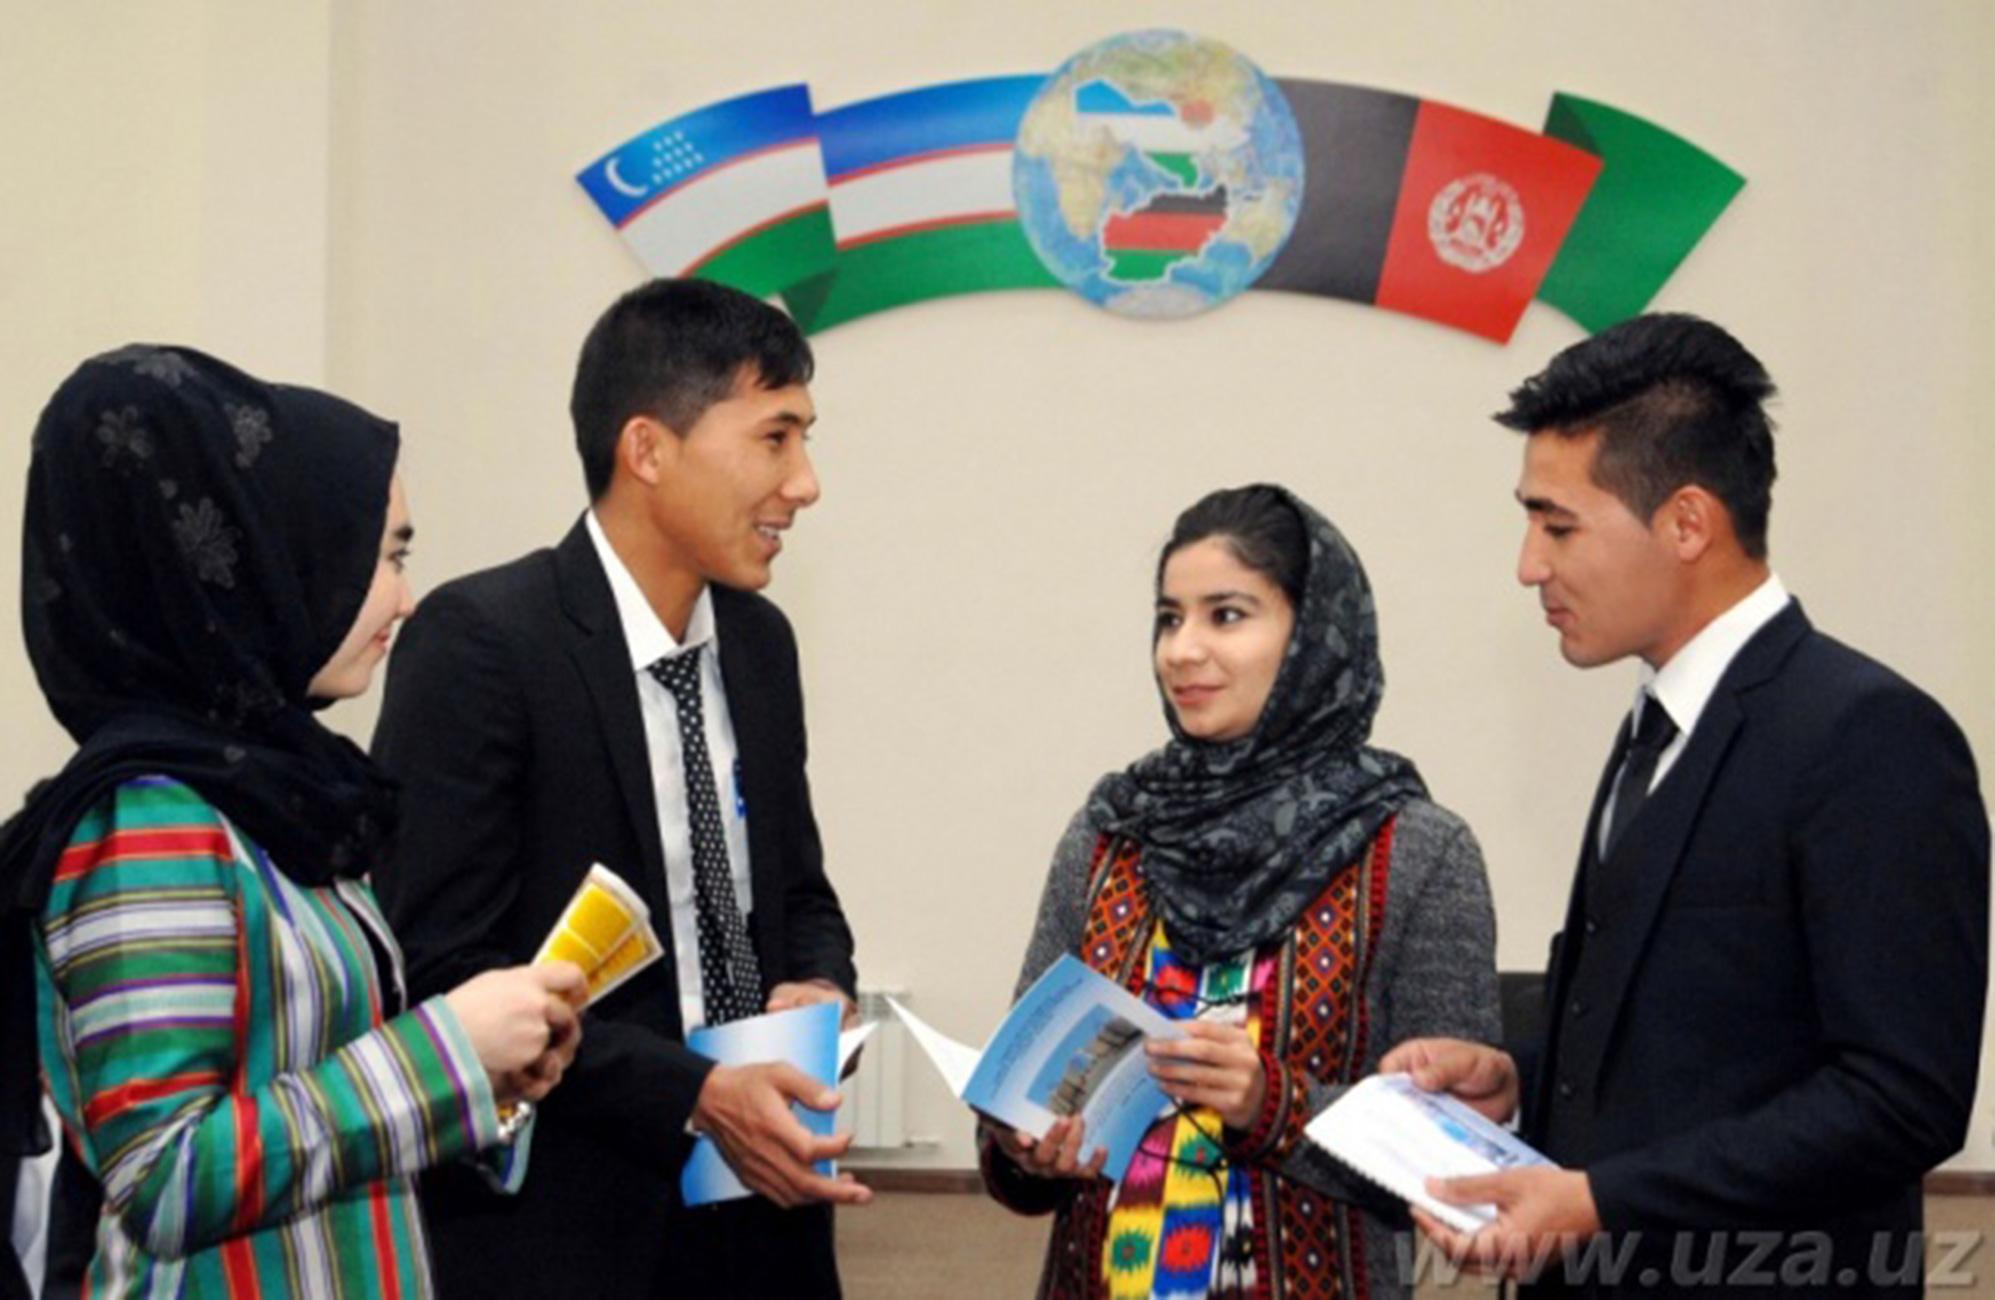 ازبکستان حمایت خود از صلح و انکشاف در افغانستان را افزایش می دهد